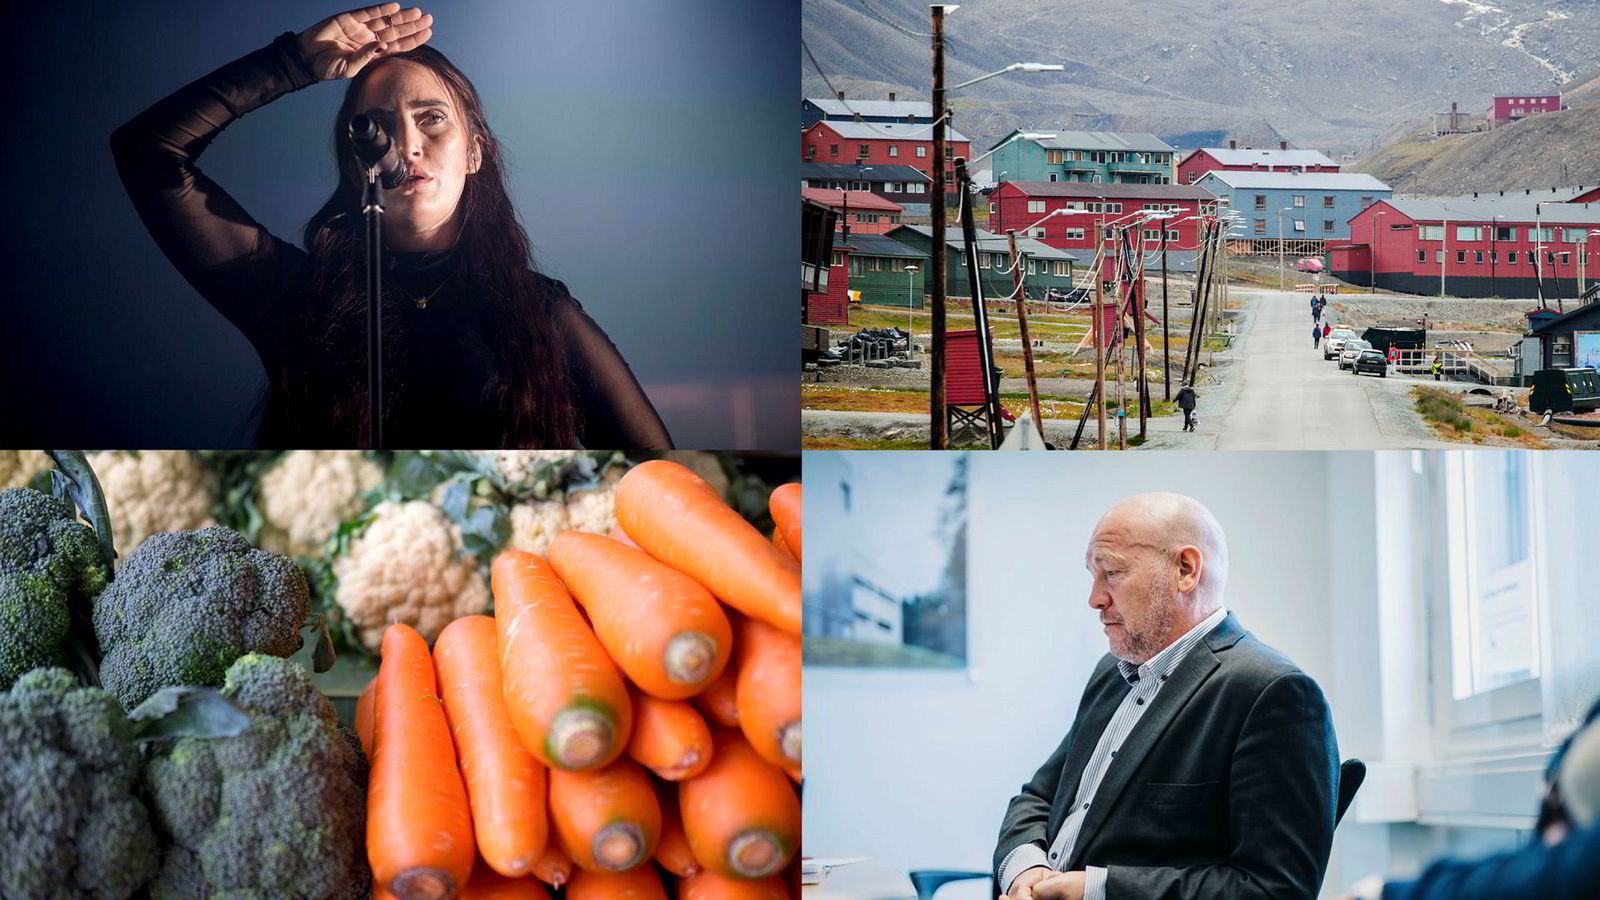 Hva har Highasakite, Longyearbyen, grønnsaker og Omsorgsbygg-sjefen til felles? De er alle med i denne ukens utvalgte sitater.